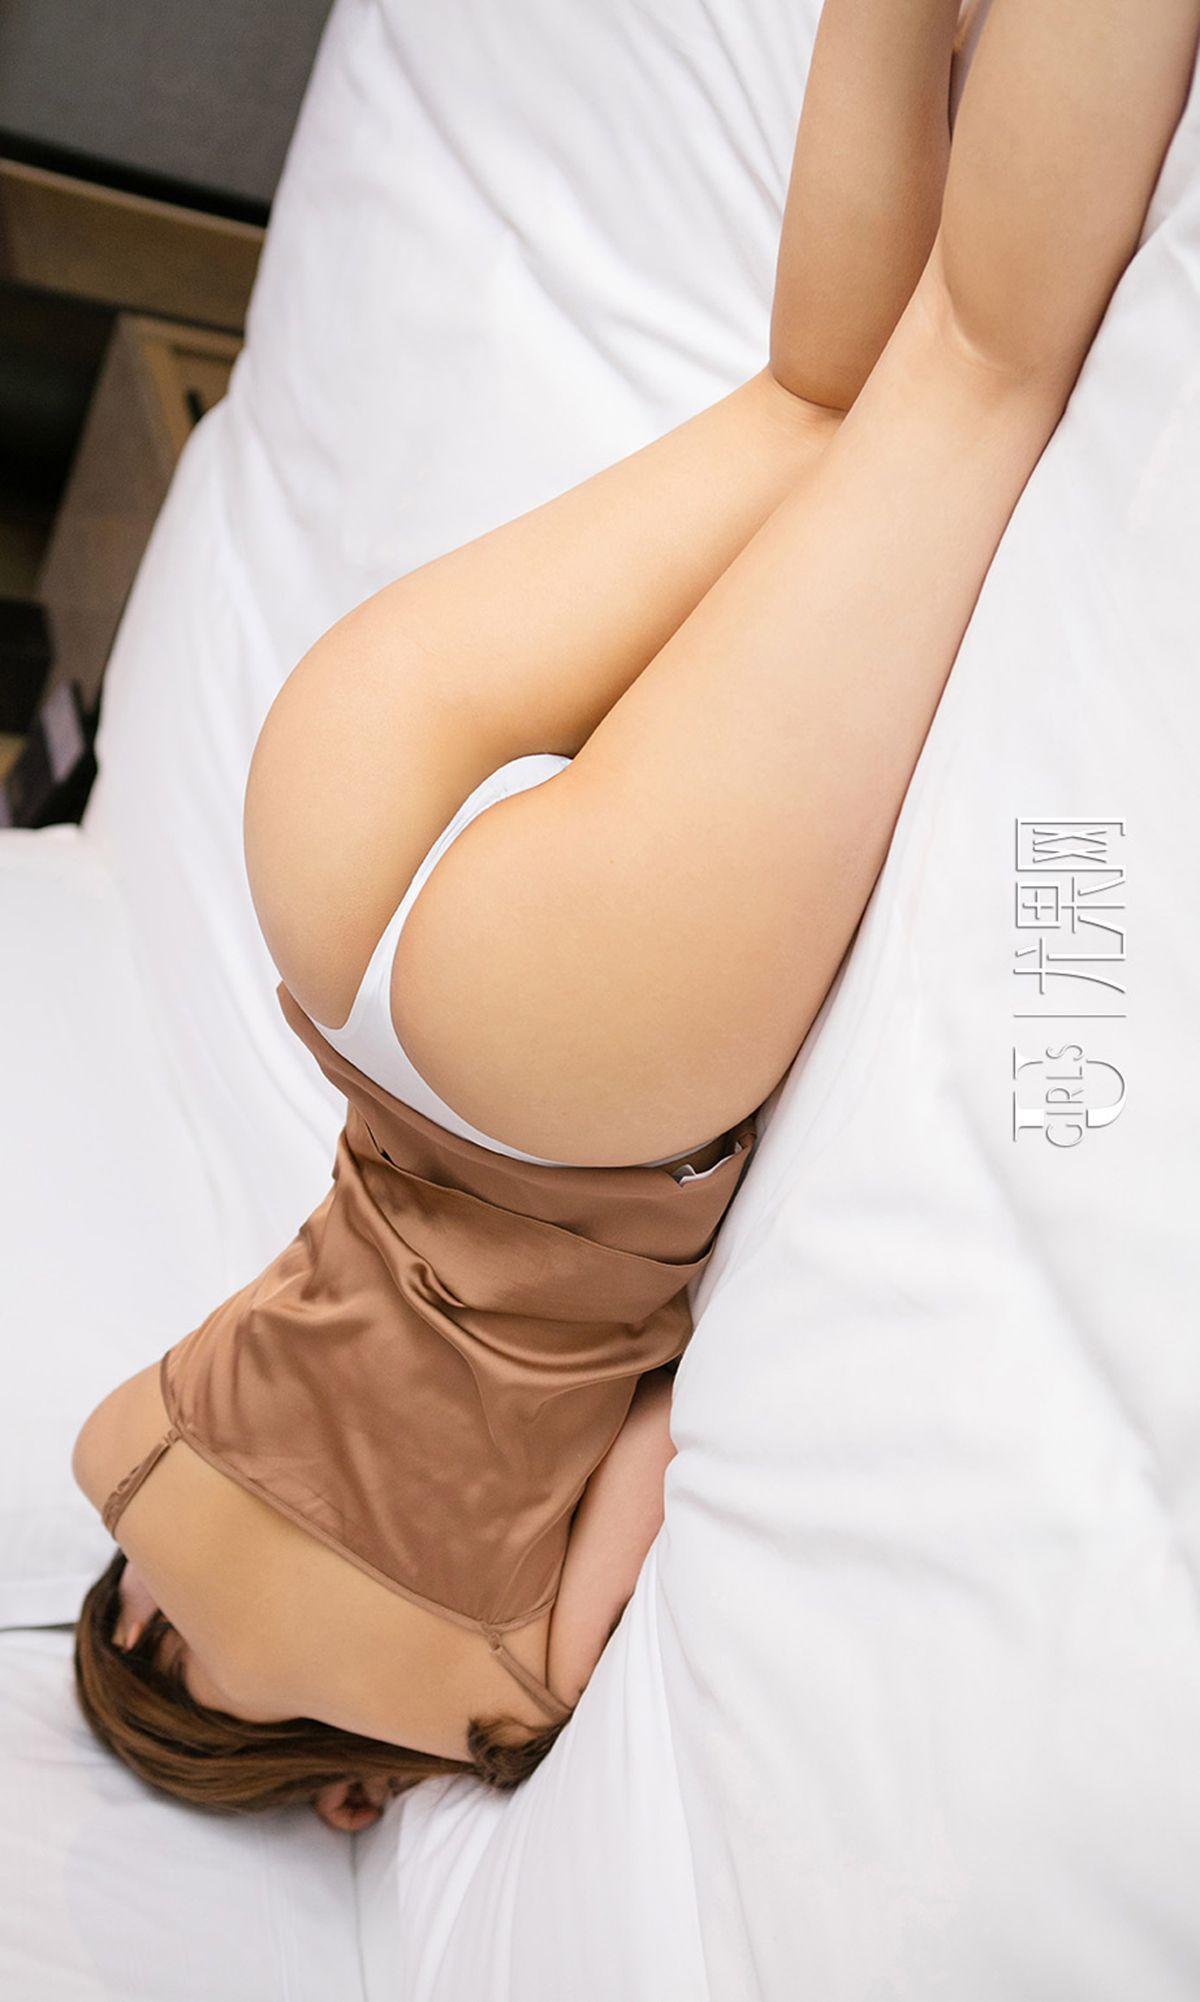 林熙 - 蜜桃的诱惑 写真图片